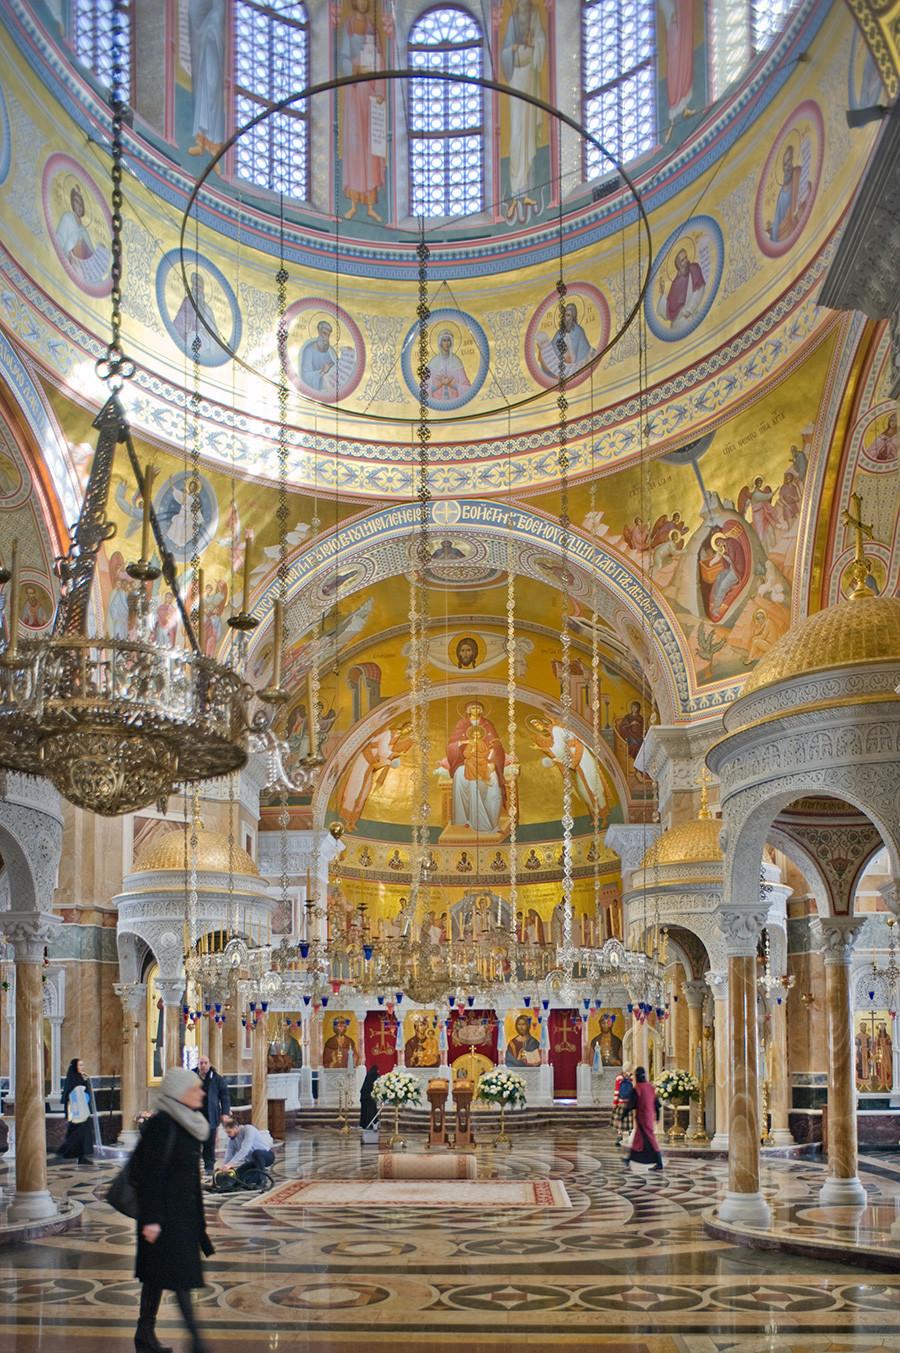 Novotihvinski samostan. Katedrala svetega Aleksandra Nevskega. Notranjost, pogled na vzhodni del proti ikonam. 1. april 2017